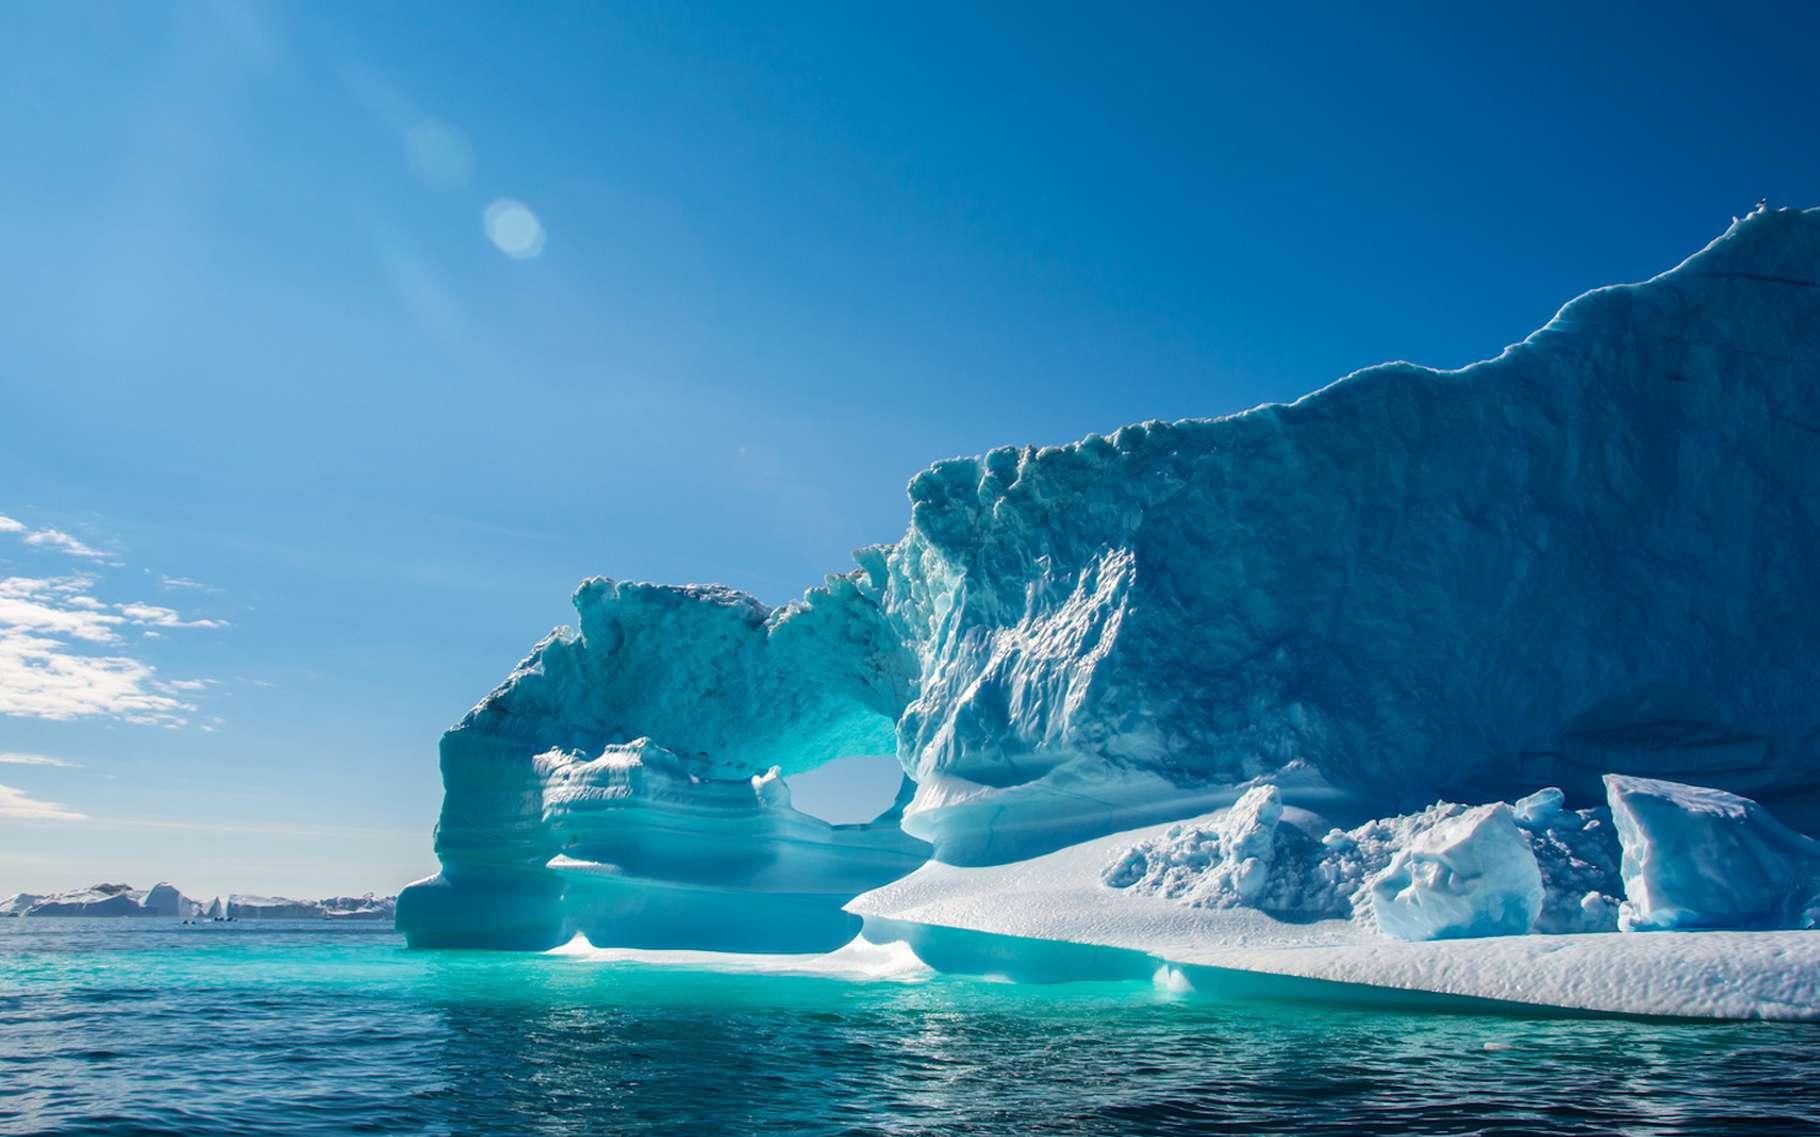 Selon des chercheurs, la glace du Groenland fond aujourd'hui à une vitesse qui a de quoi « faire peur ». © mikhail79spb, Fotolia